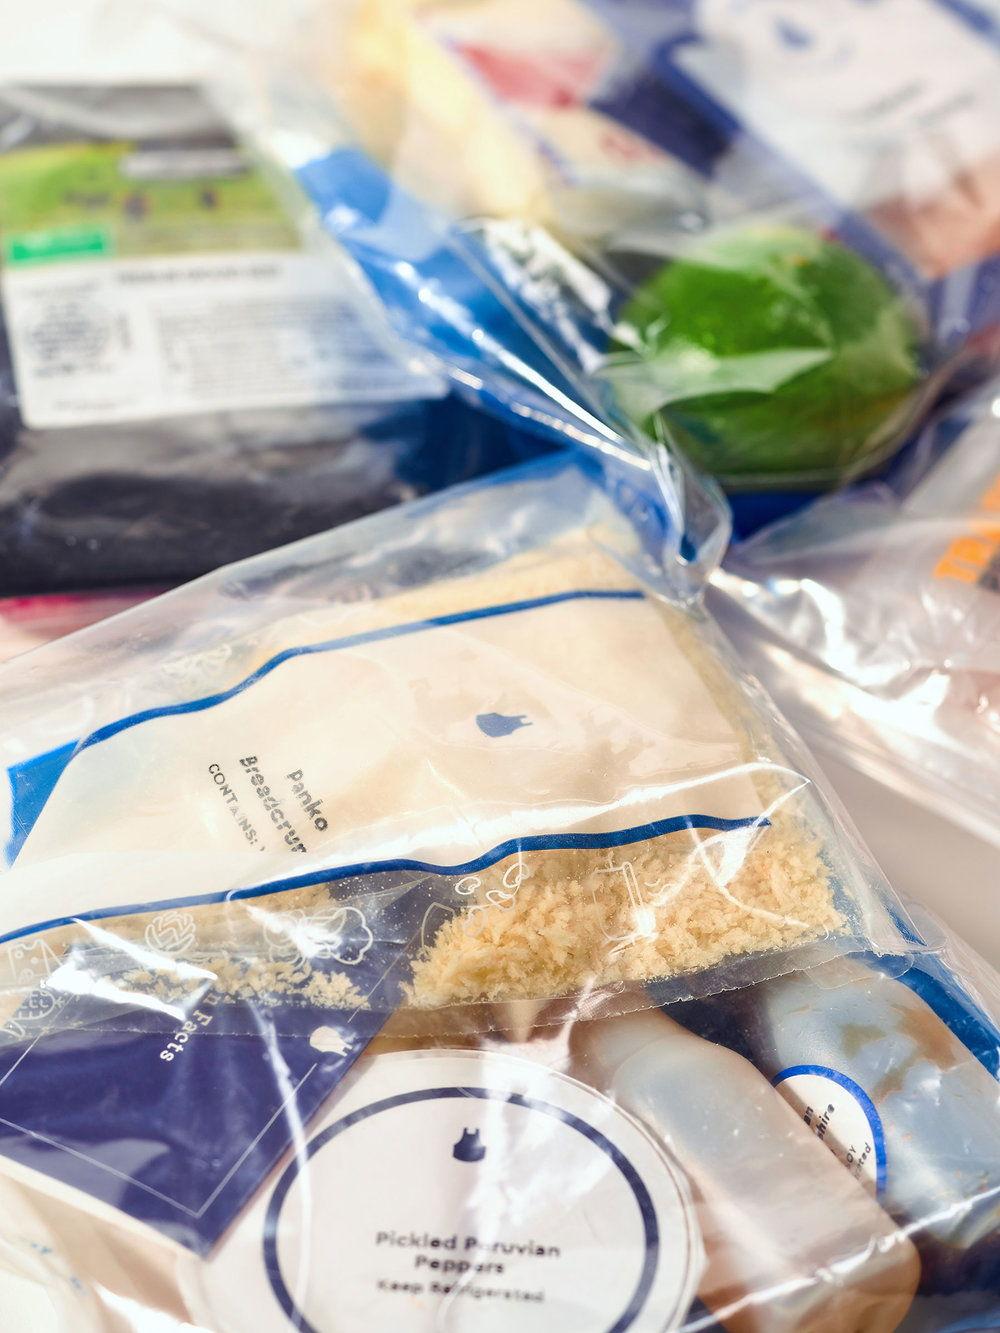 Meal_Kits-The_Dieline3397.jpg